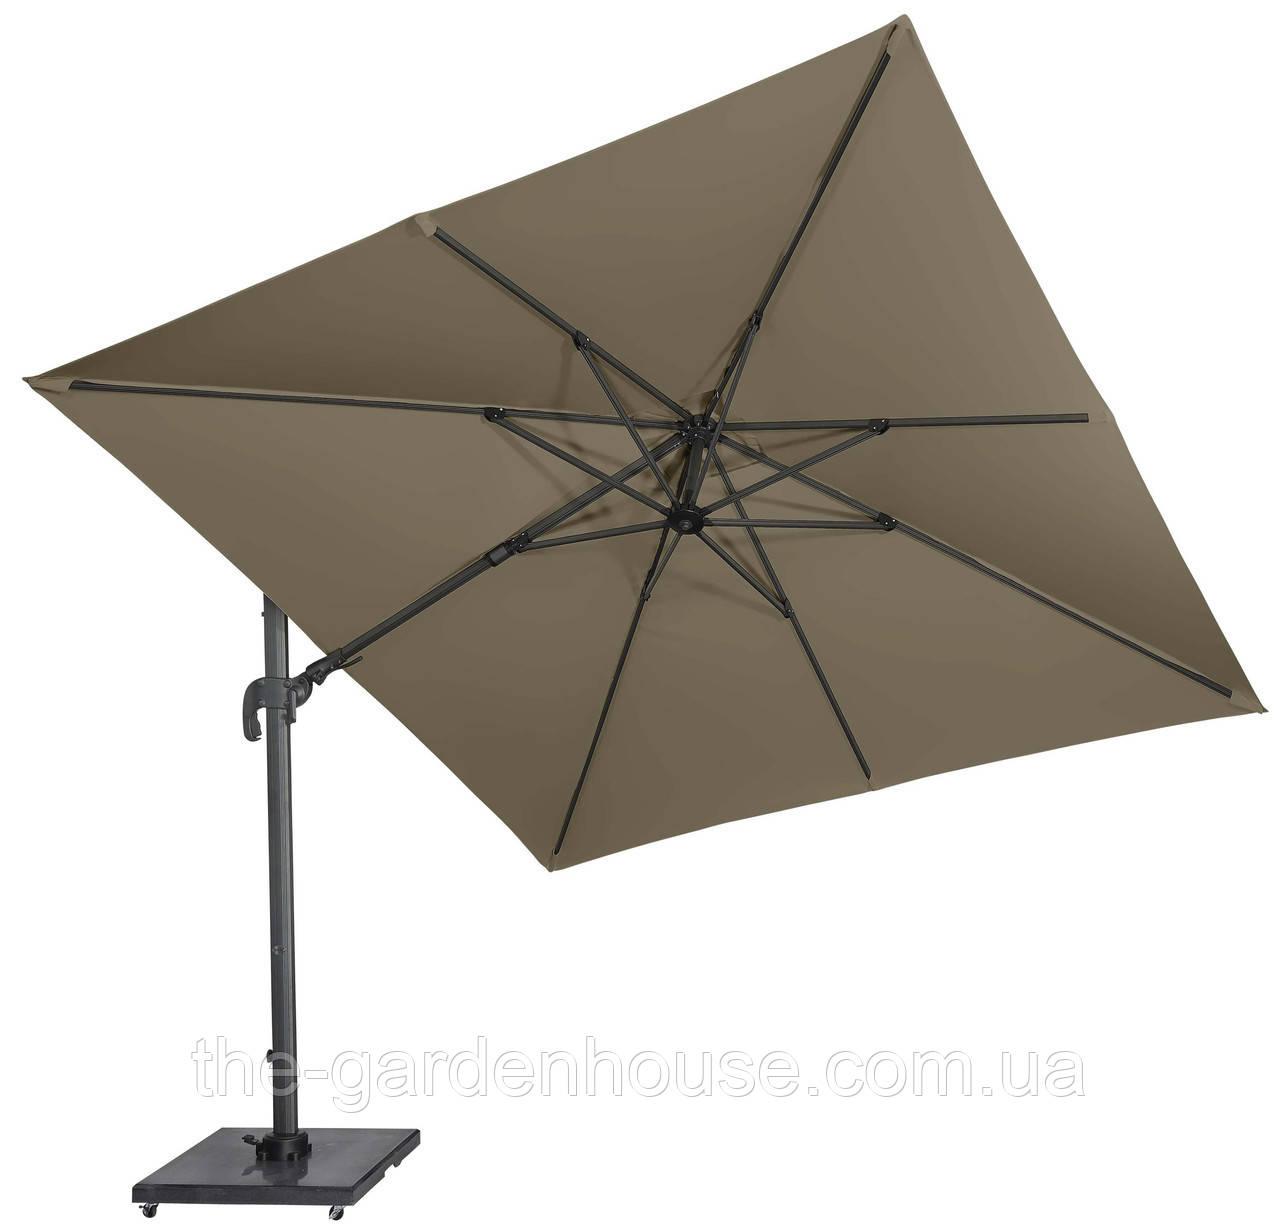 Садовый зонт Solarflex T2 3х3 м с подставкой коричневый